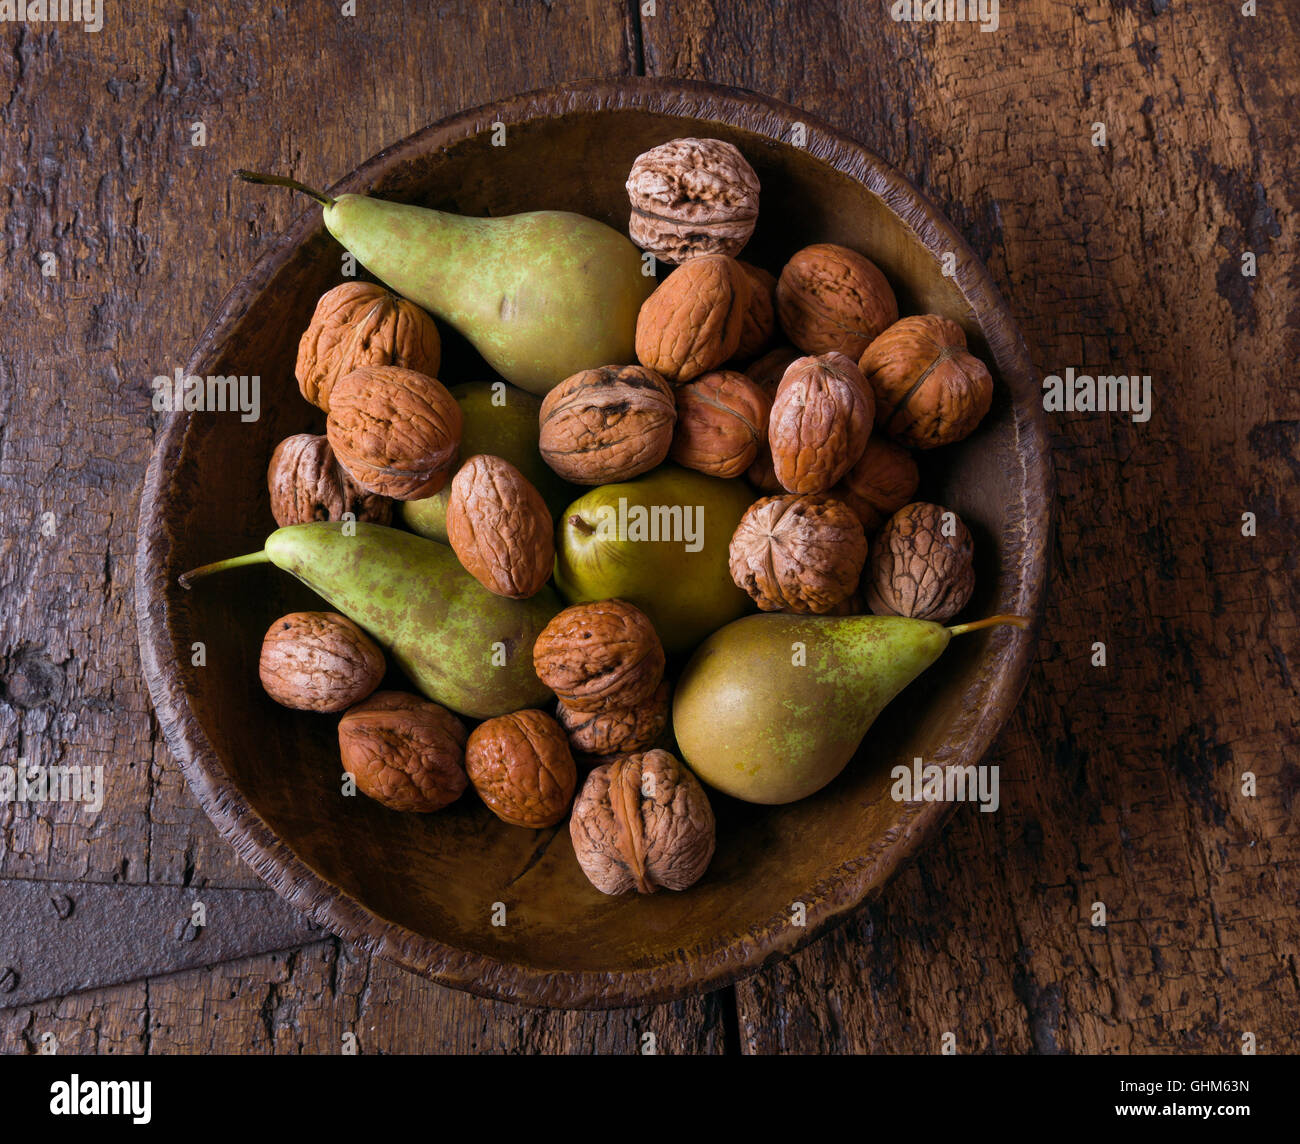 Rientrano ancora in vita con una ciotola di pere e noci su un grunge sfondo di legno Immagini Stock